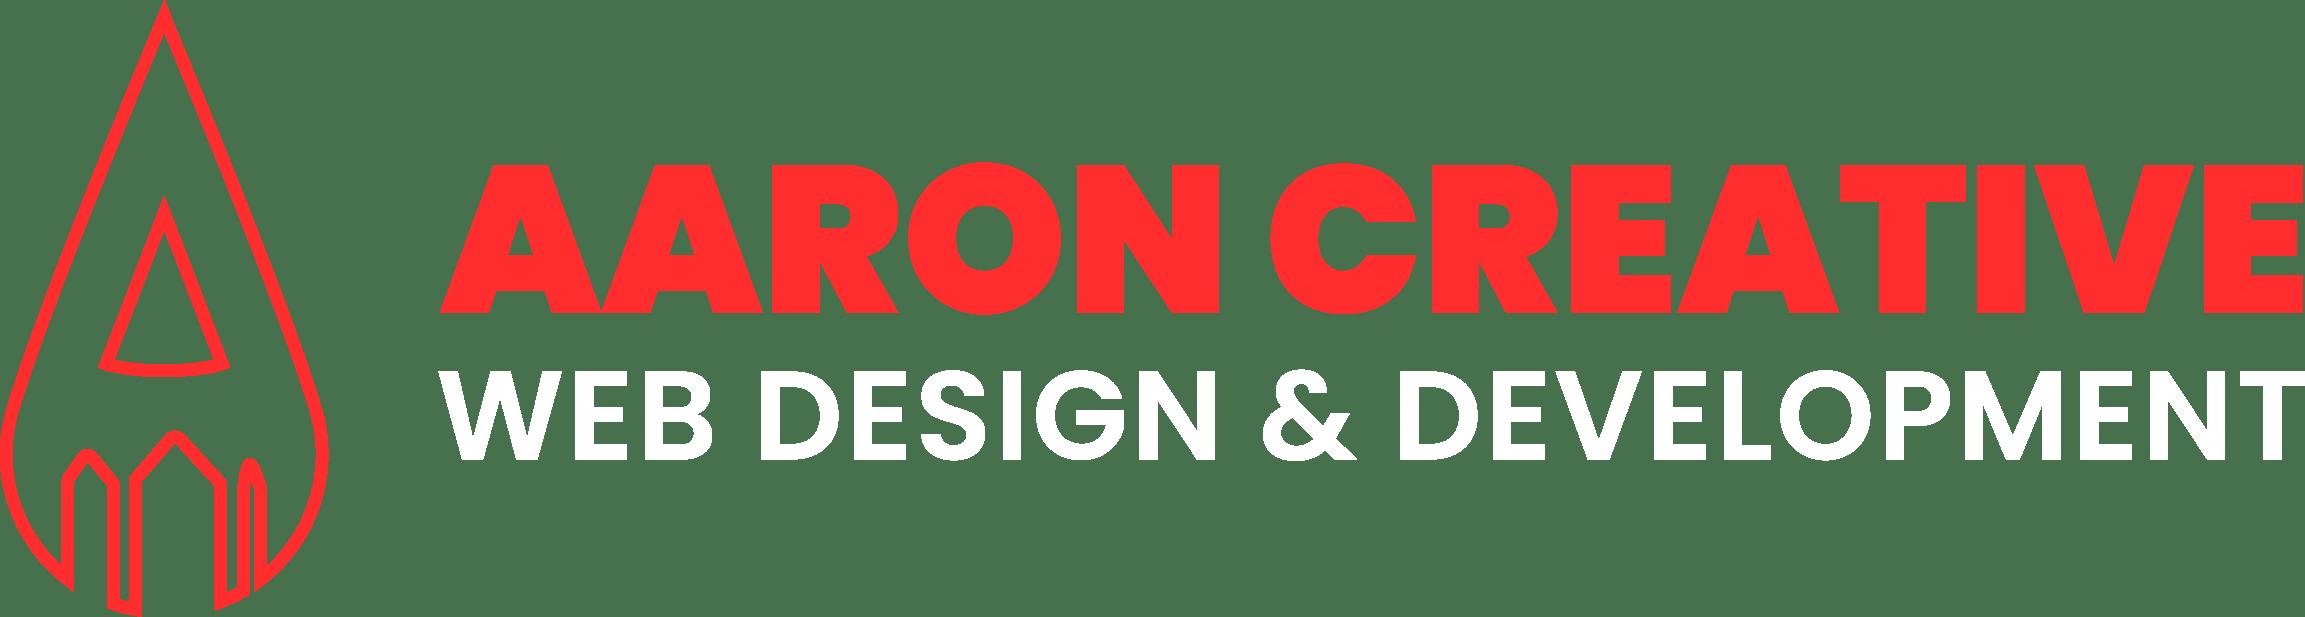 Aaron Creative Logo